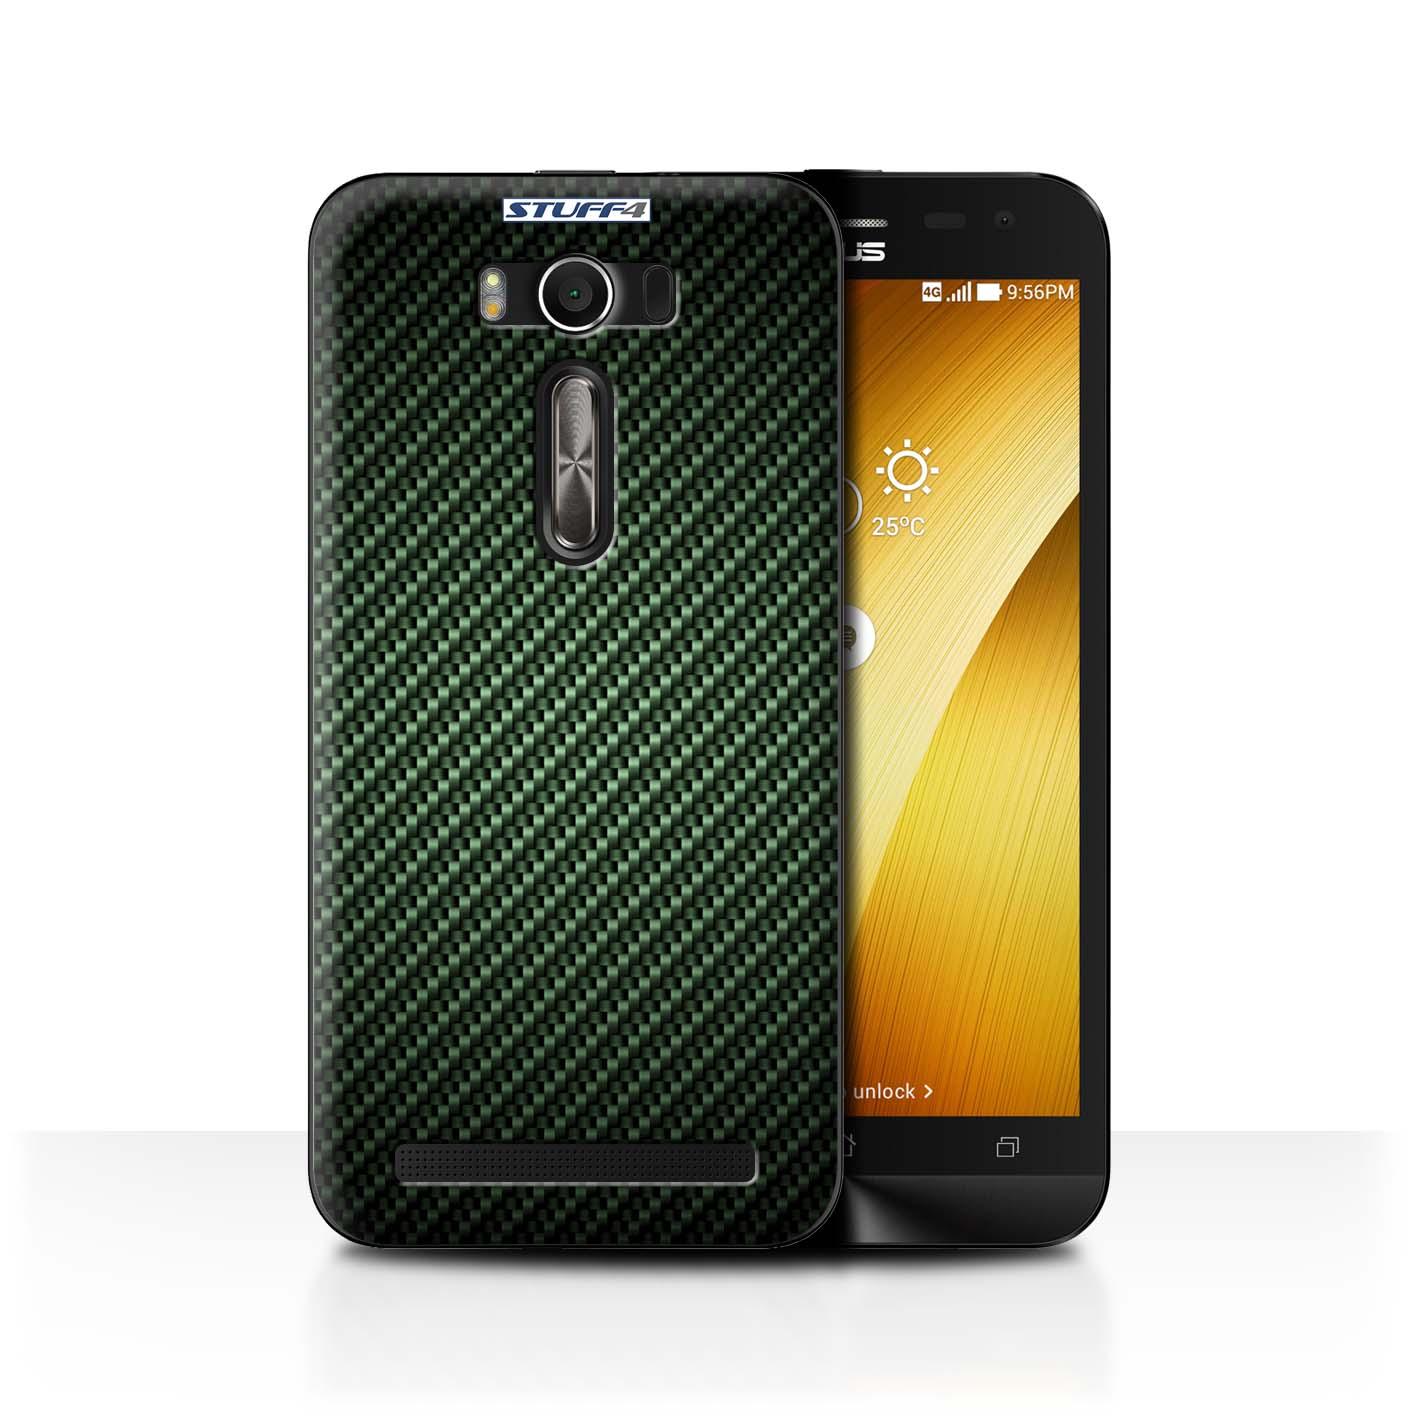 STUFF4-Case-Cover-for-Asus-Zenfone-2-Laser-ZE500KL-Carbon-Fibre-Effect-Pattern